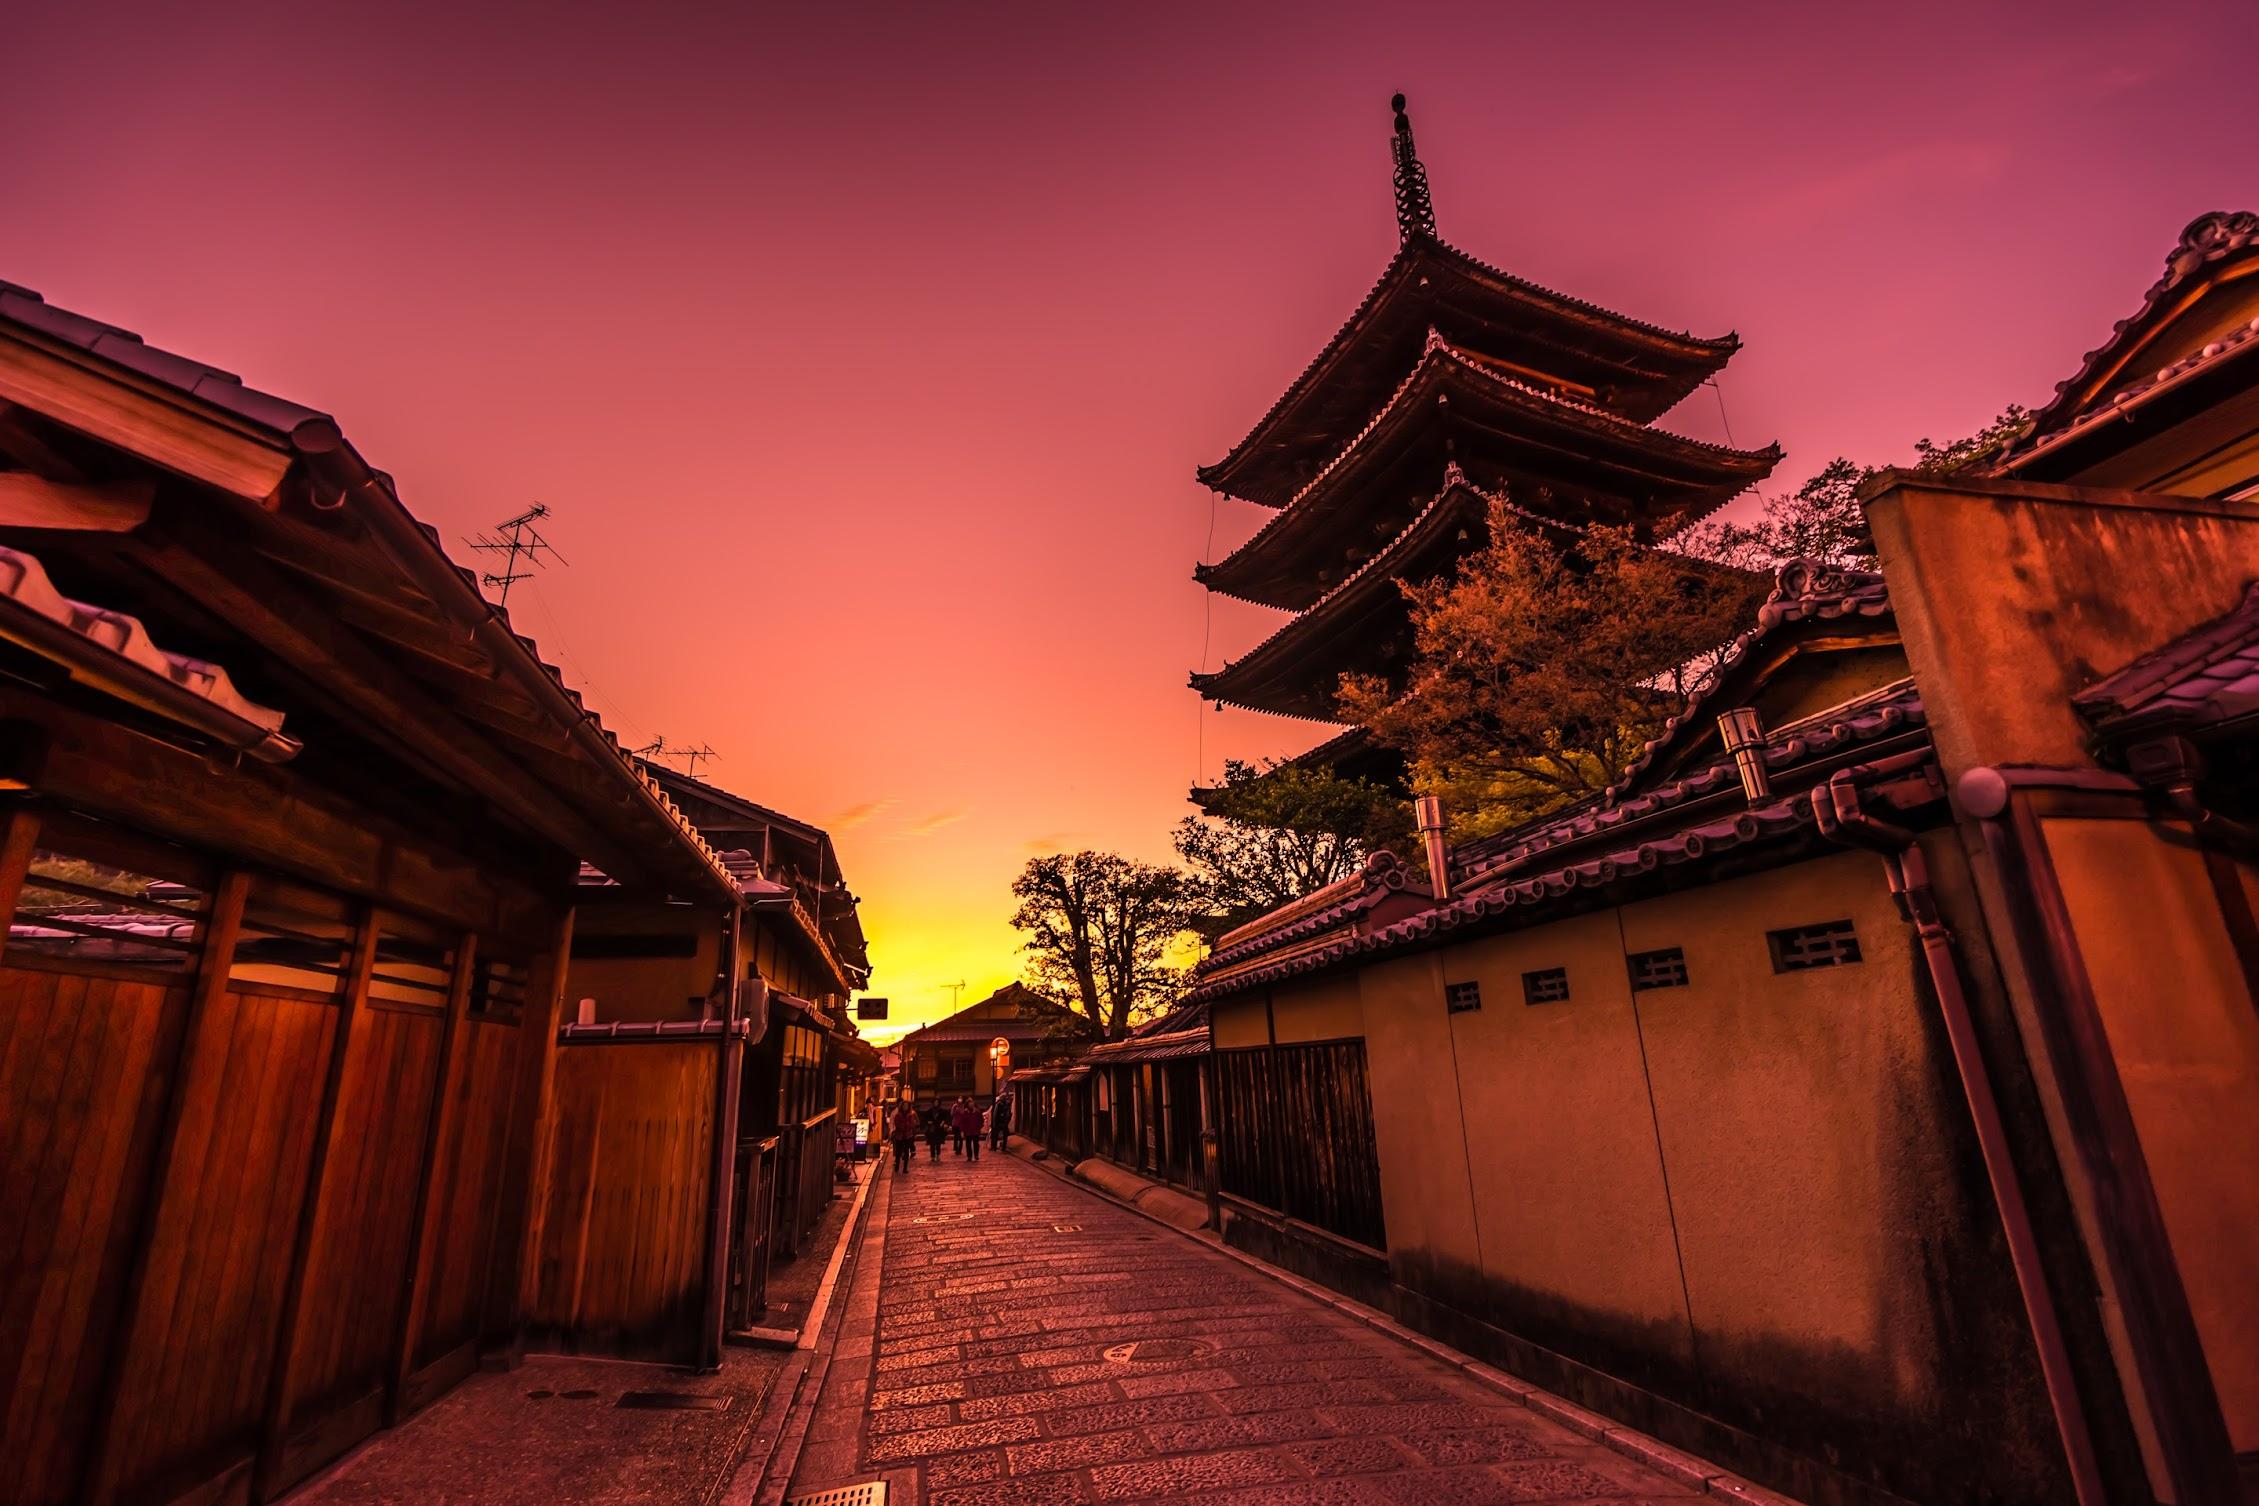 京都 八坂の塔 夕景5